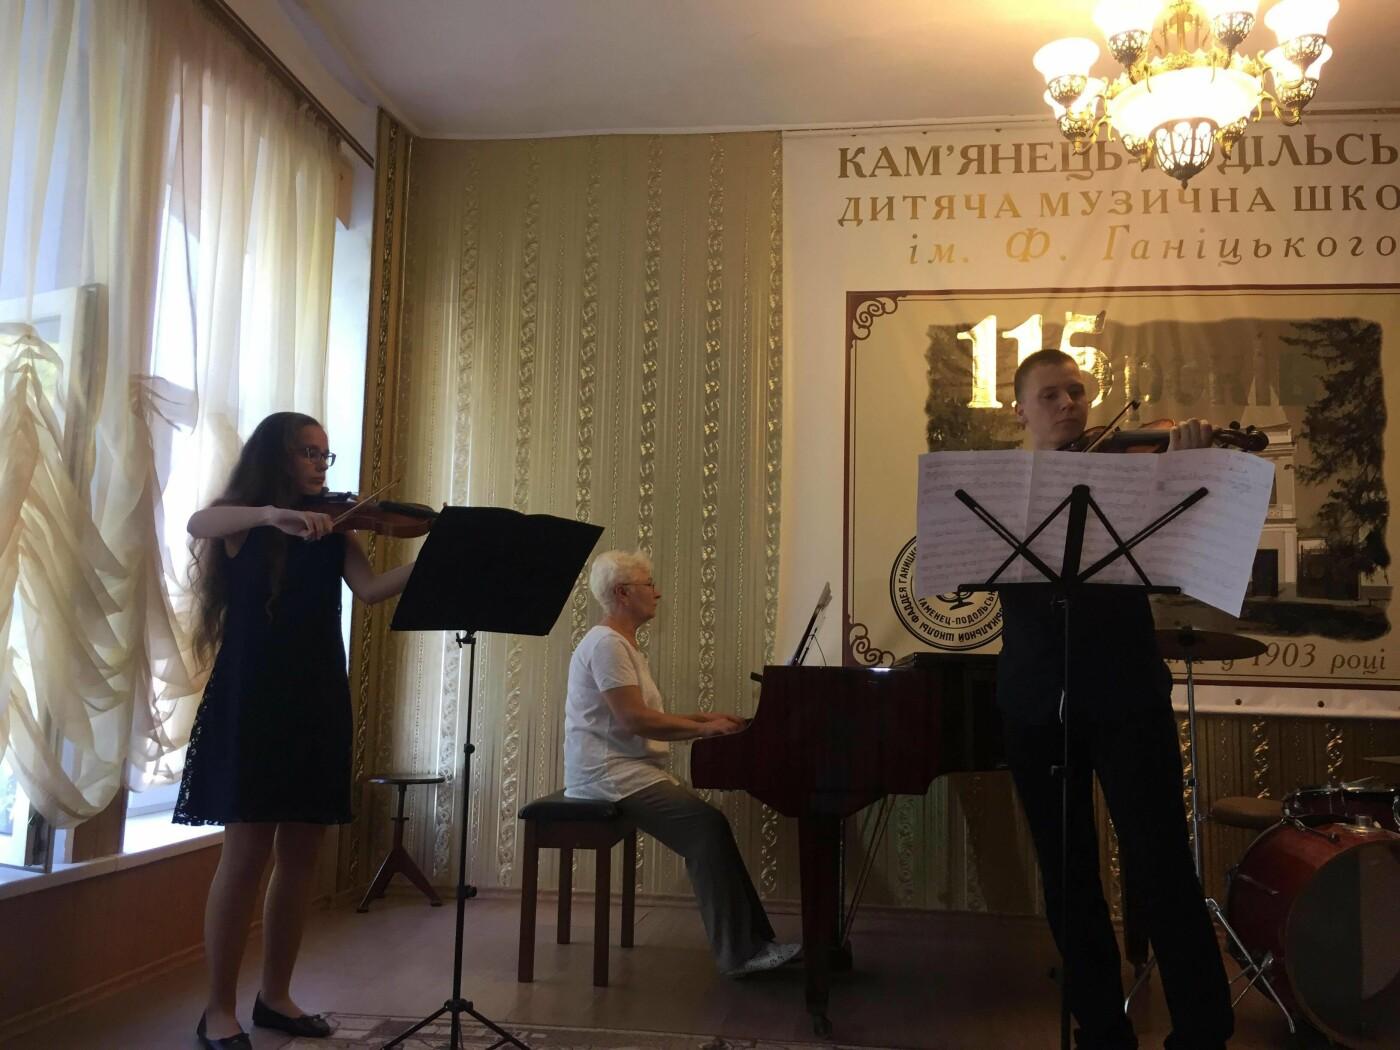 У Кам'янці-Подільському музика об'єднала любителів класики, фото-2, Фото: Дмитро Бачинський